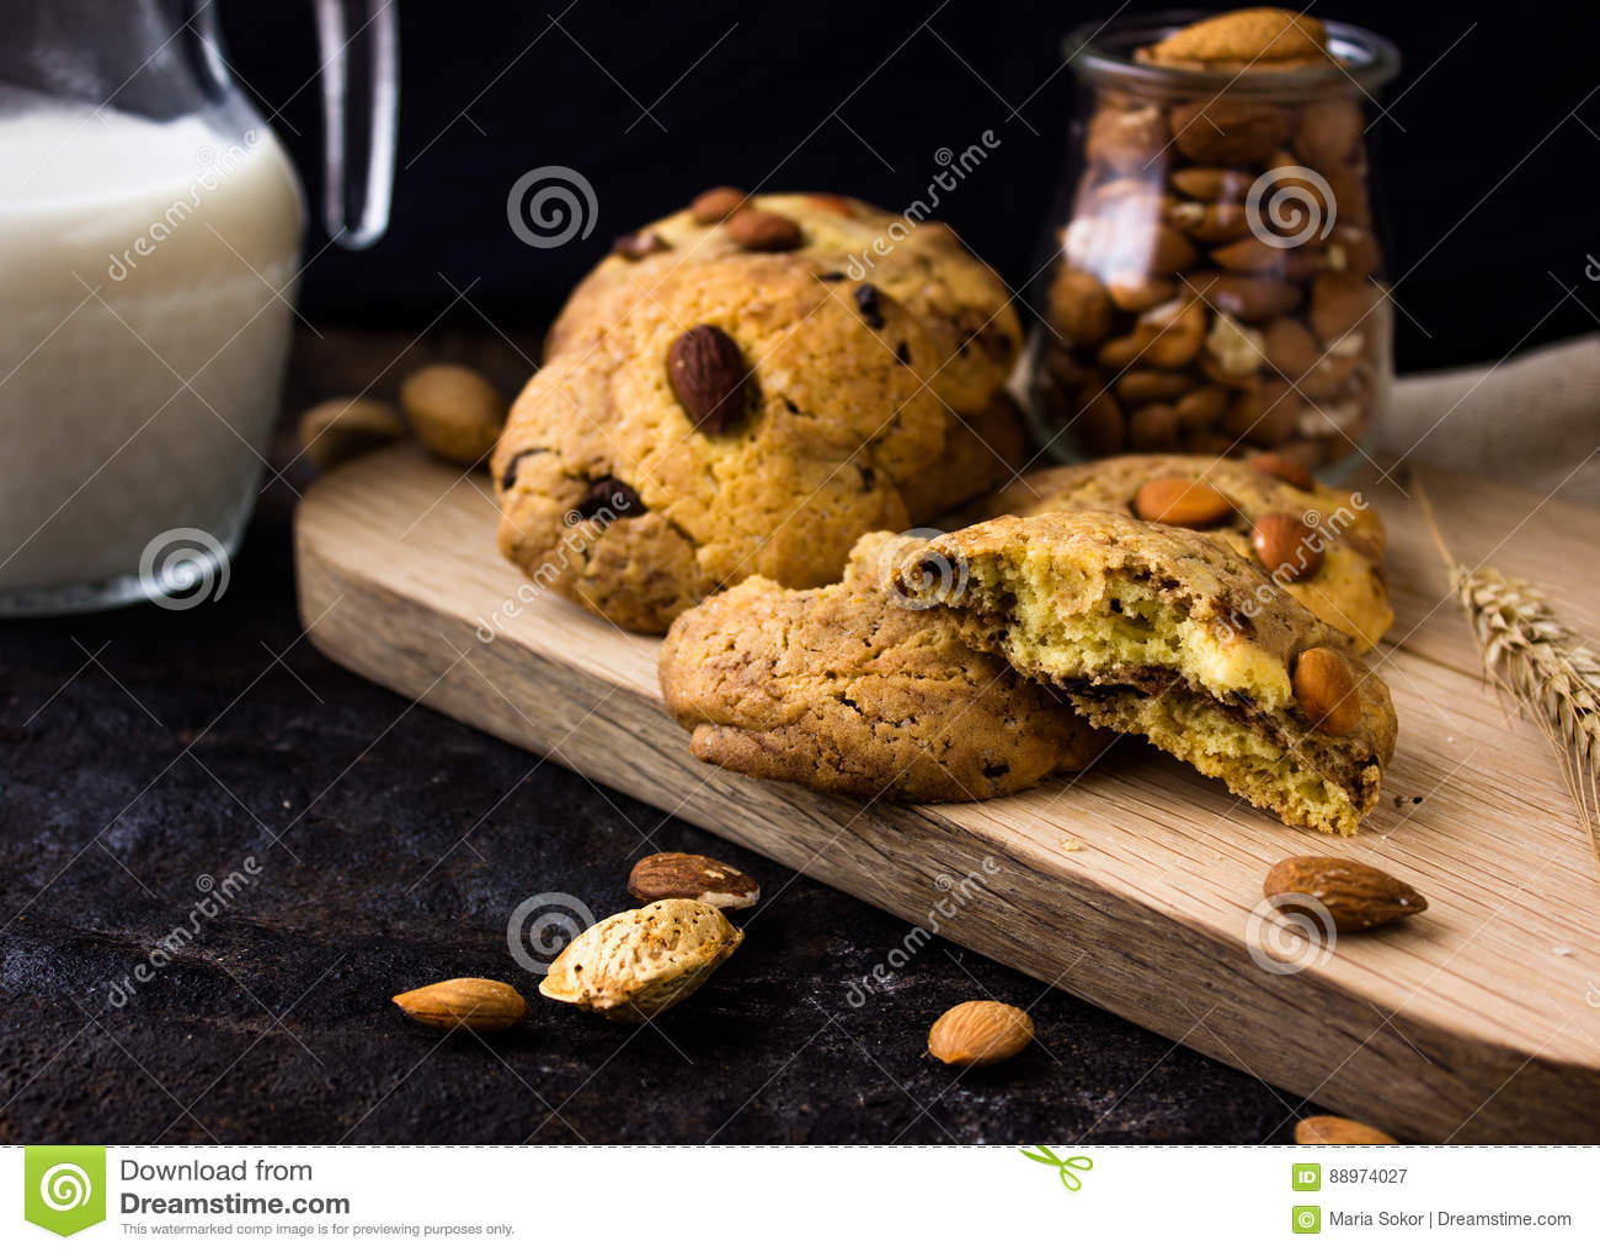 Biscotti di biscotto al burro americani con le gocce di cioccolato e una brocca di latte e di mandorle Fondo scuro di lerciume Lu